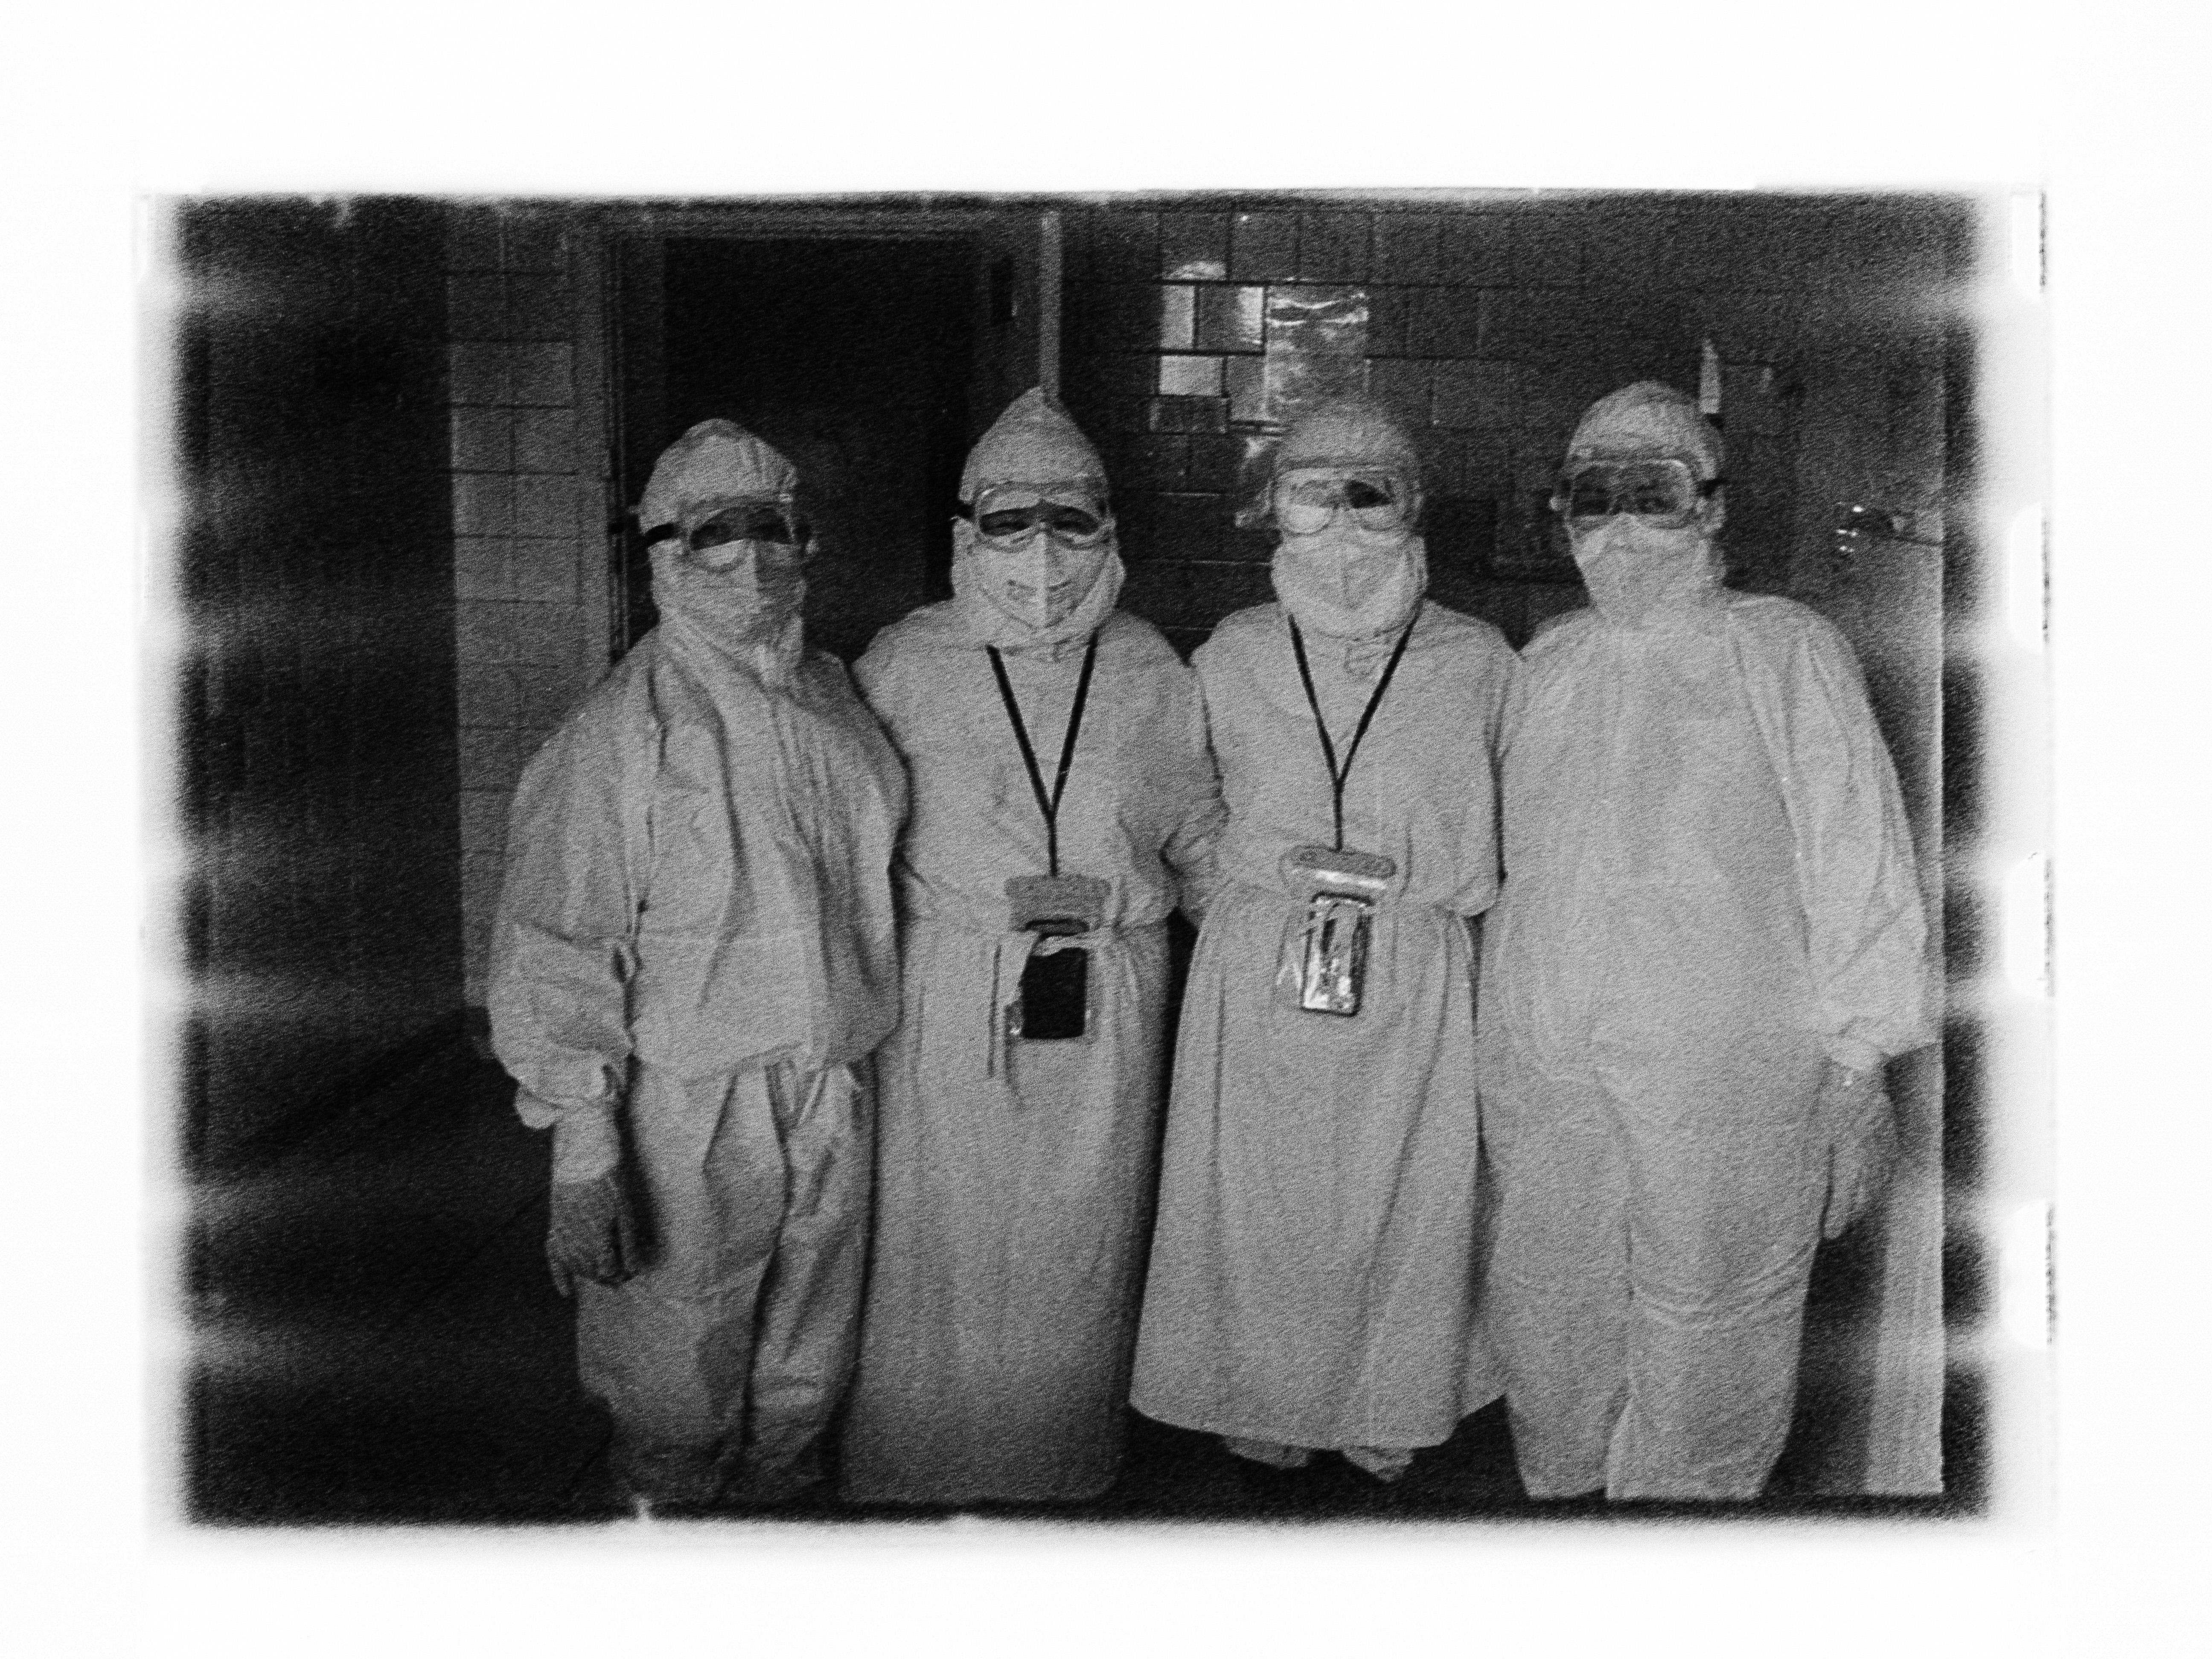 Medics posing (Pic: Andrey Khludeyev)